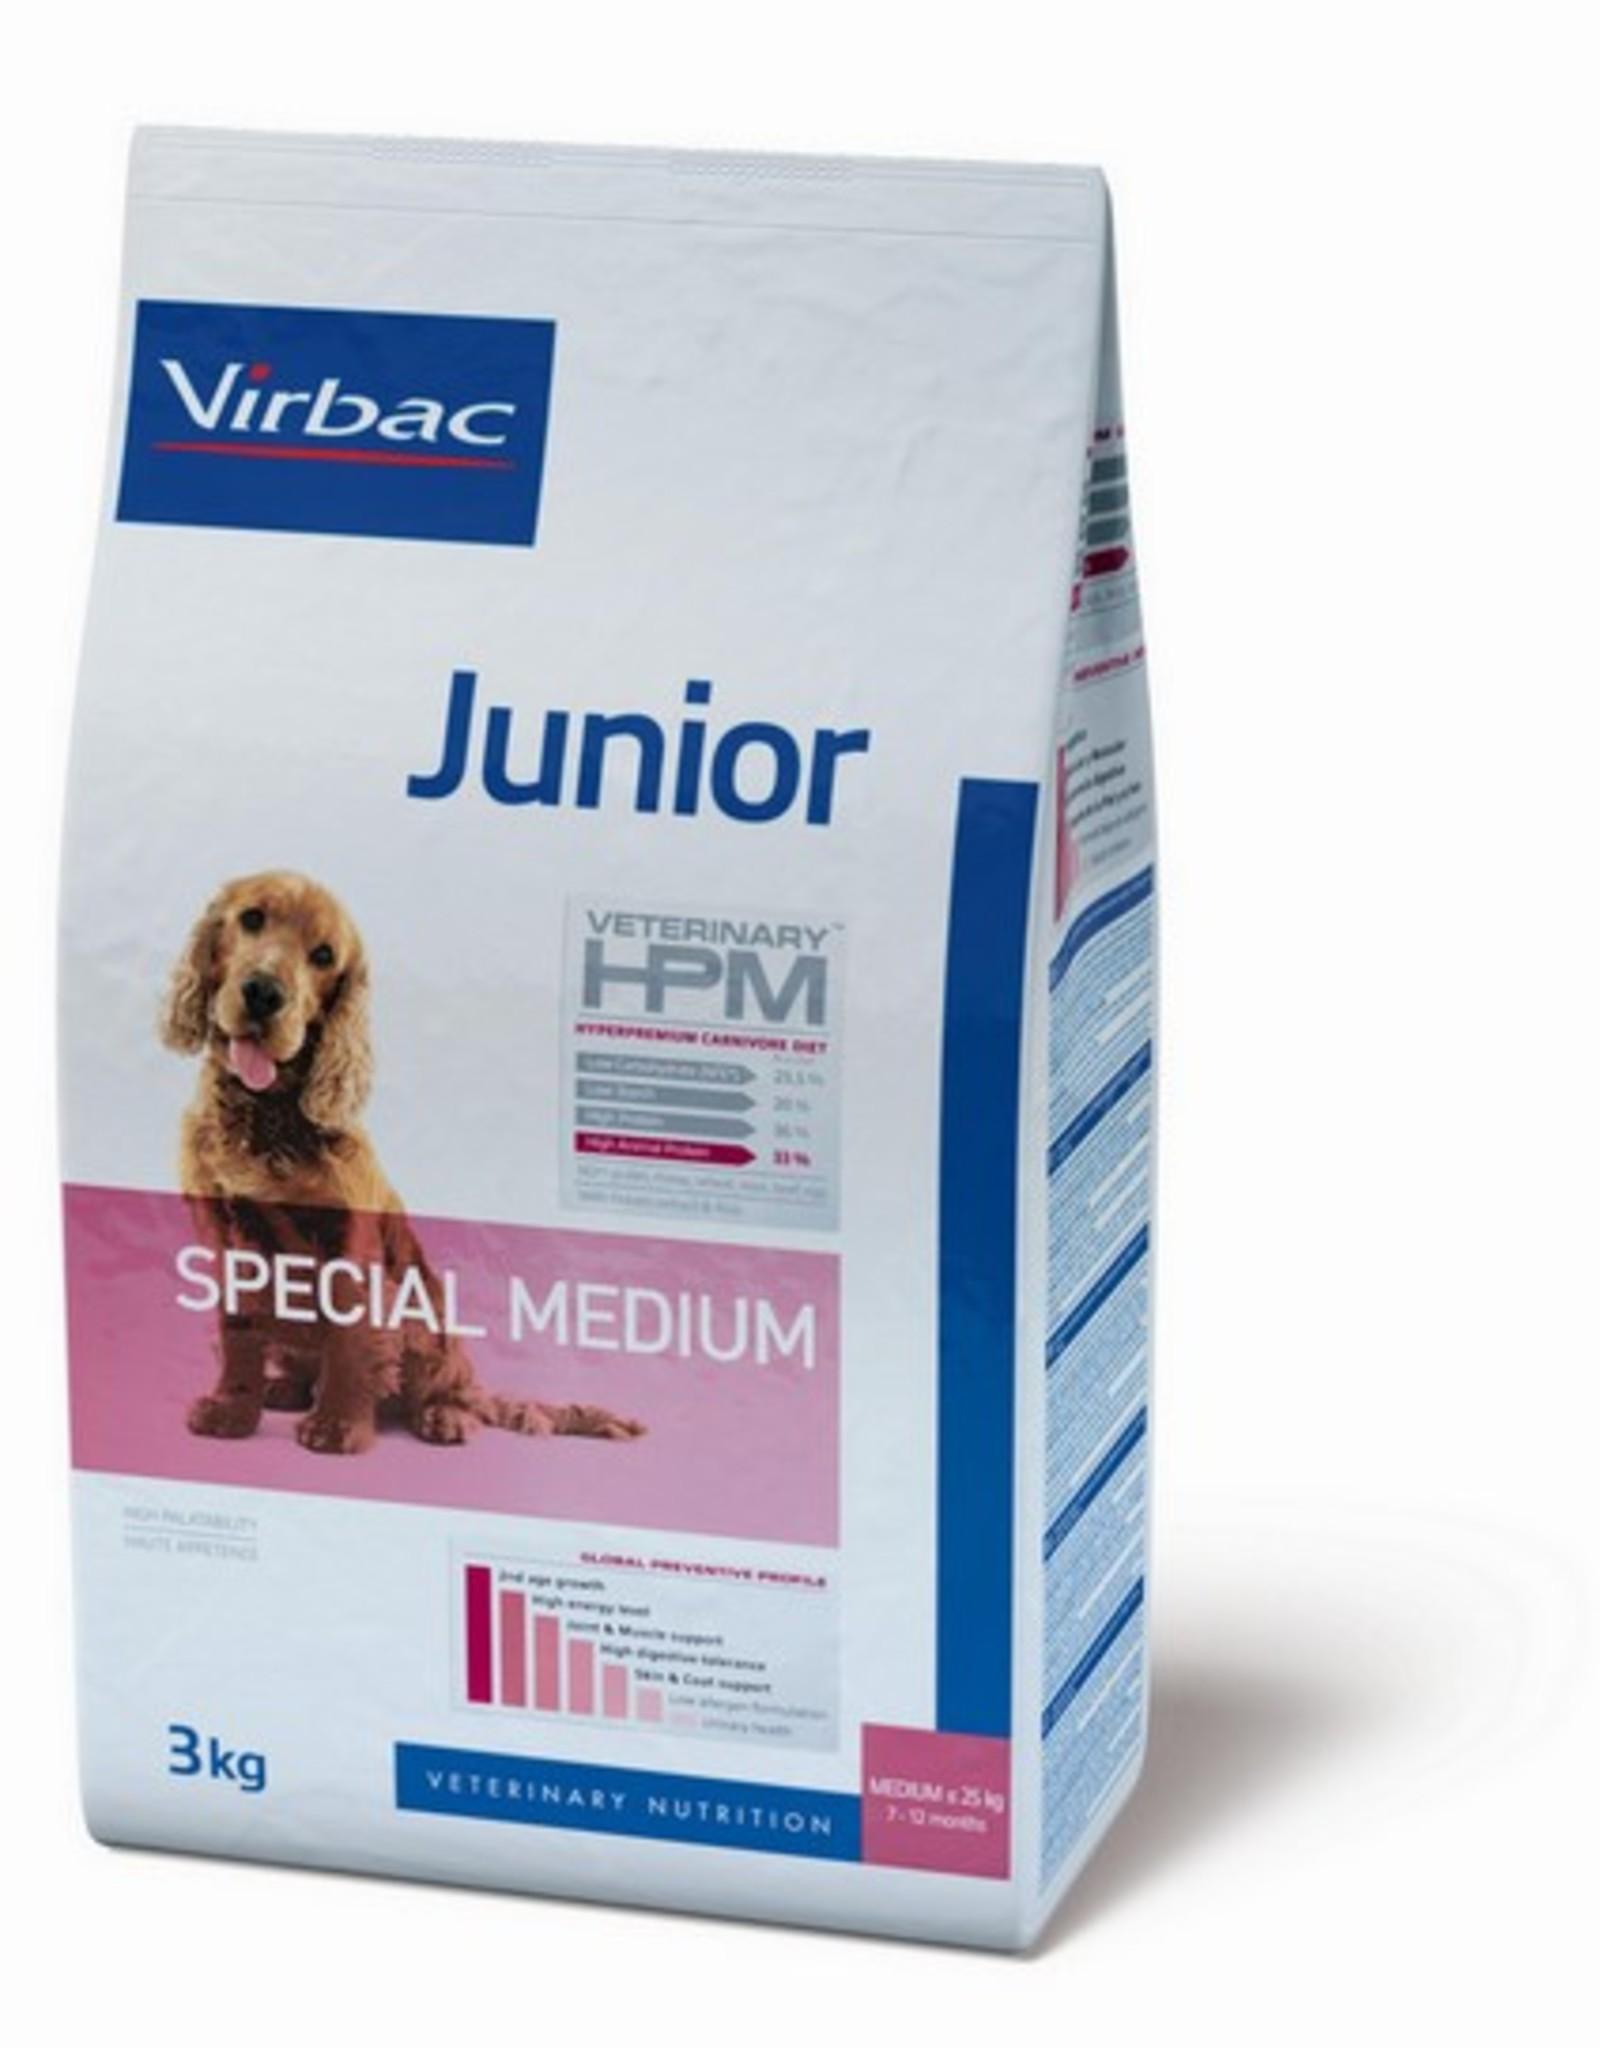 Virbac Virbac Hpm Hund Special Medium Junior 3kg